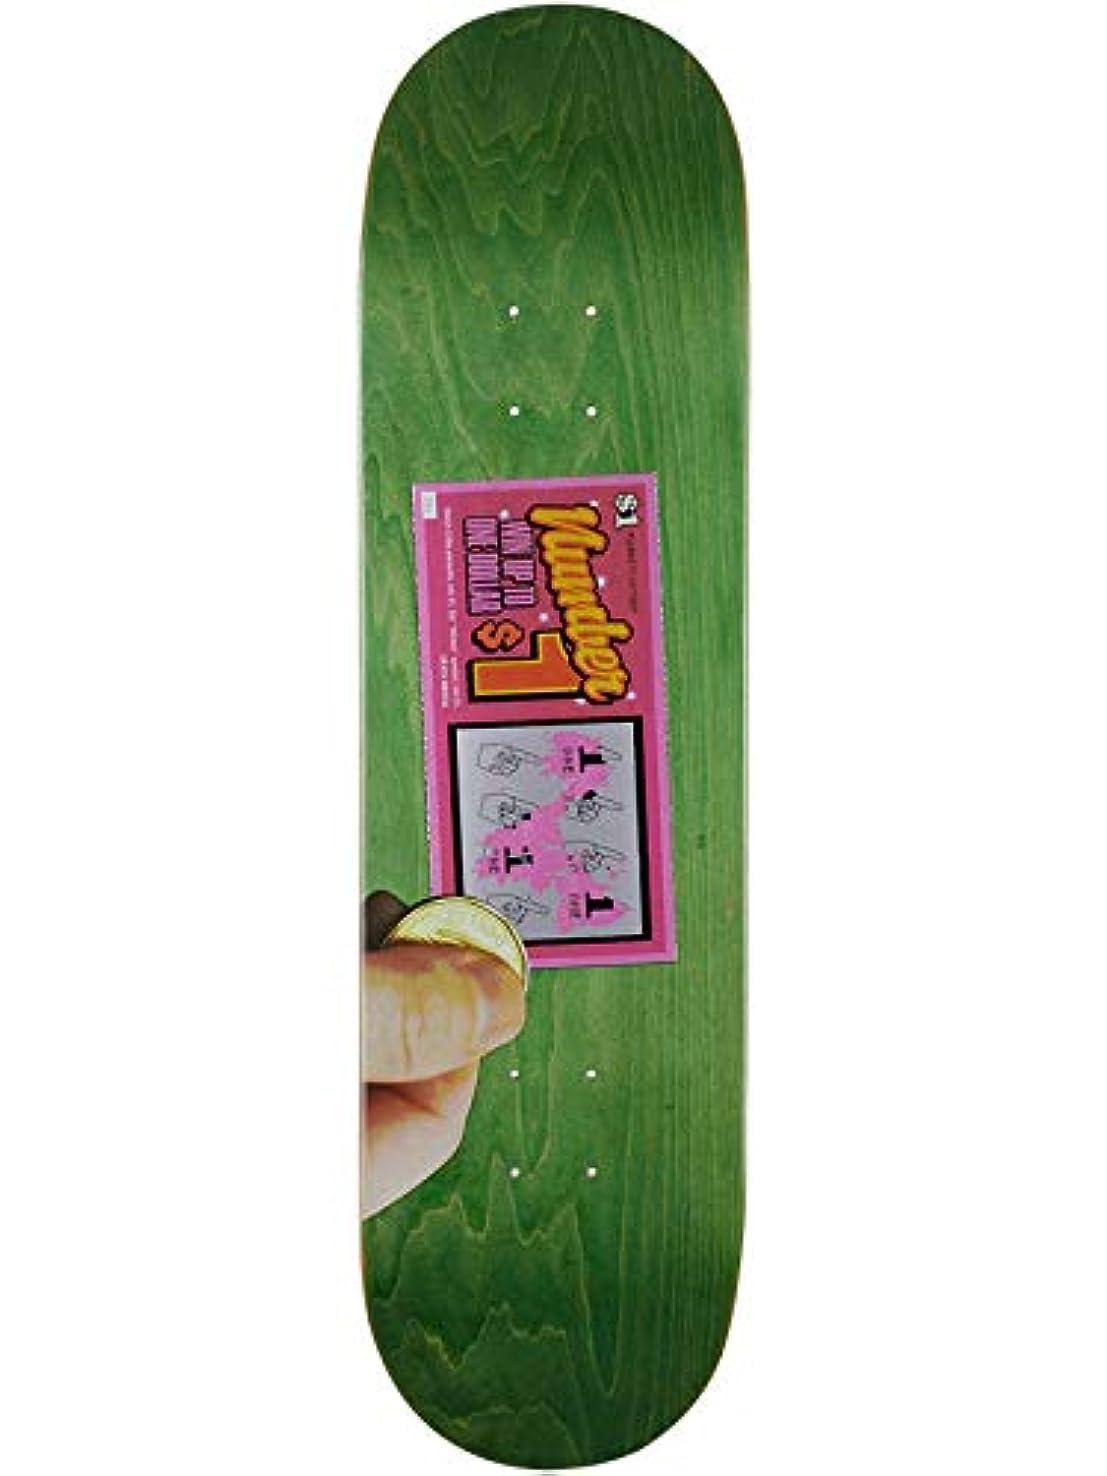 宣言する建築家くぼみSkate Mental Green Plunkett Scratcher 8.25インチ スケートボードデッキ (デフォルト、グリーン)